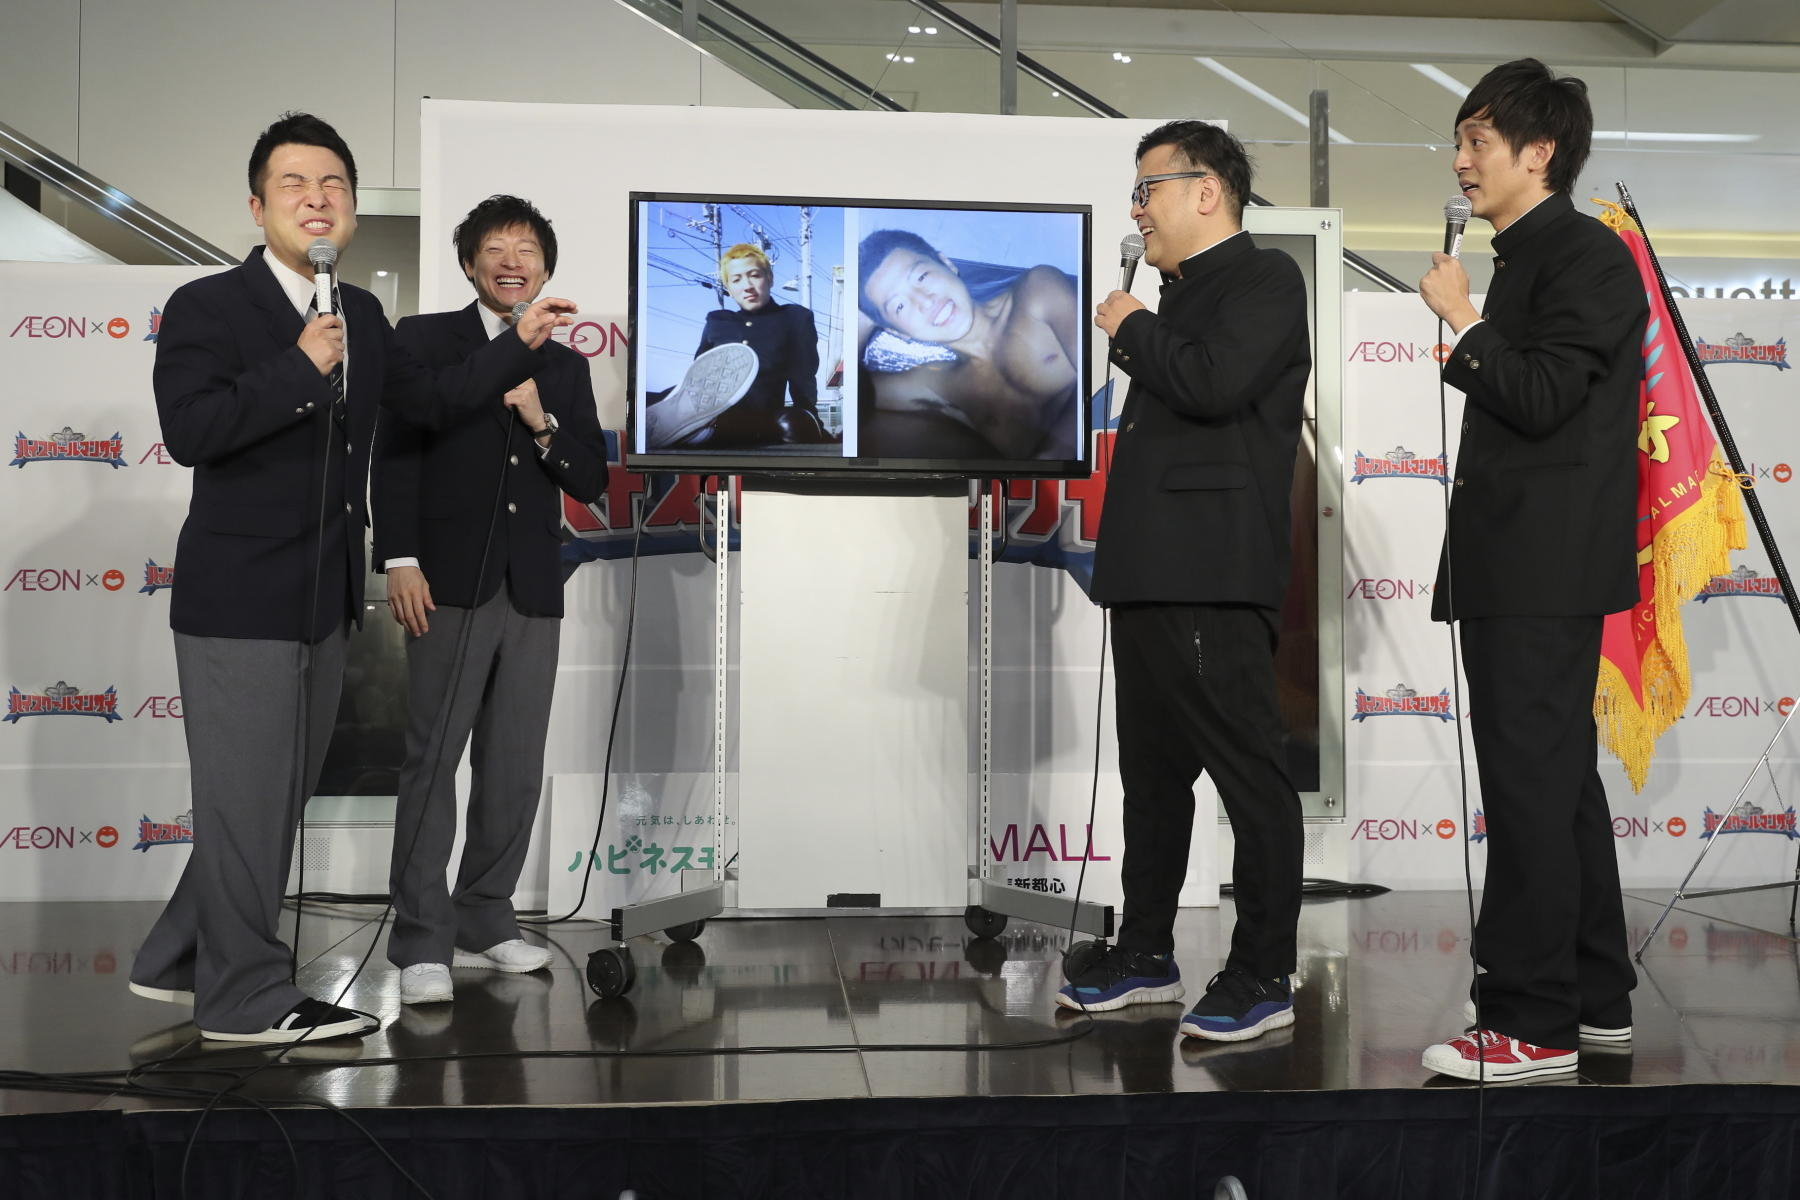 http://news.yoshimoto.co.jp/20180510215836-7fb40c1ae3004eba98b9a038b3d783b1a13c456d.jpg